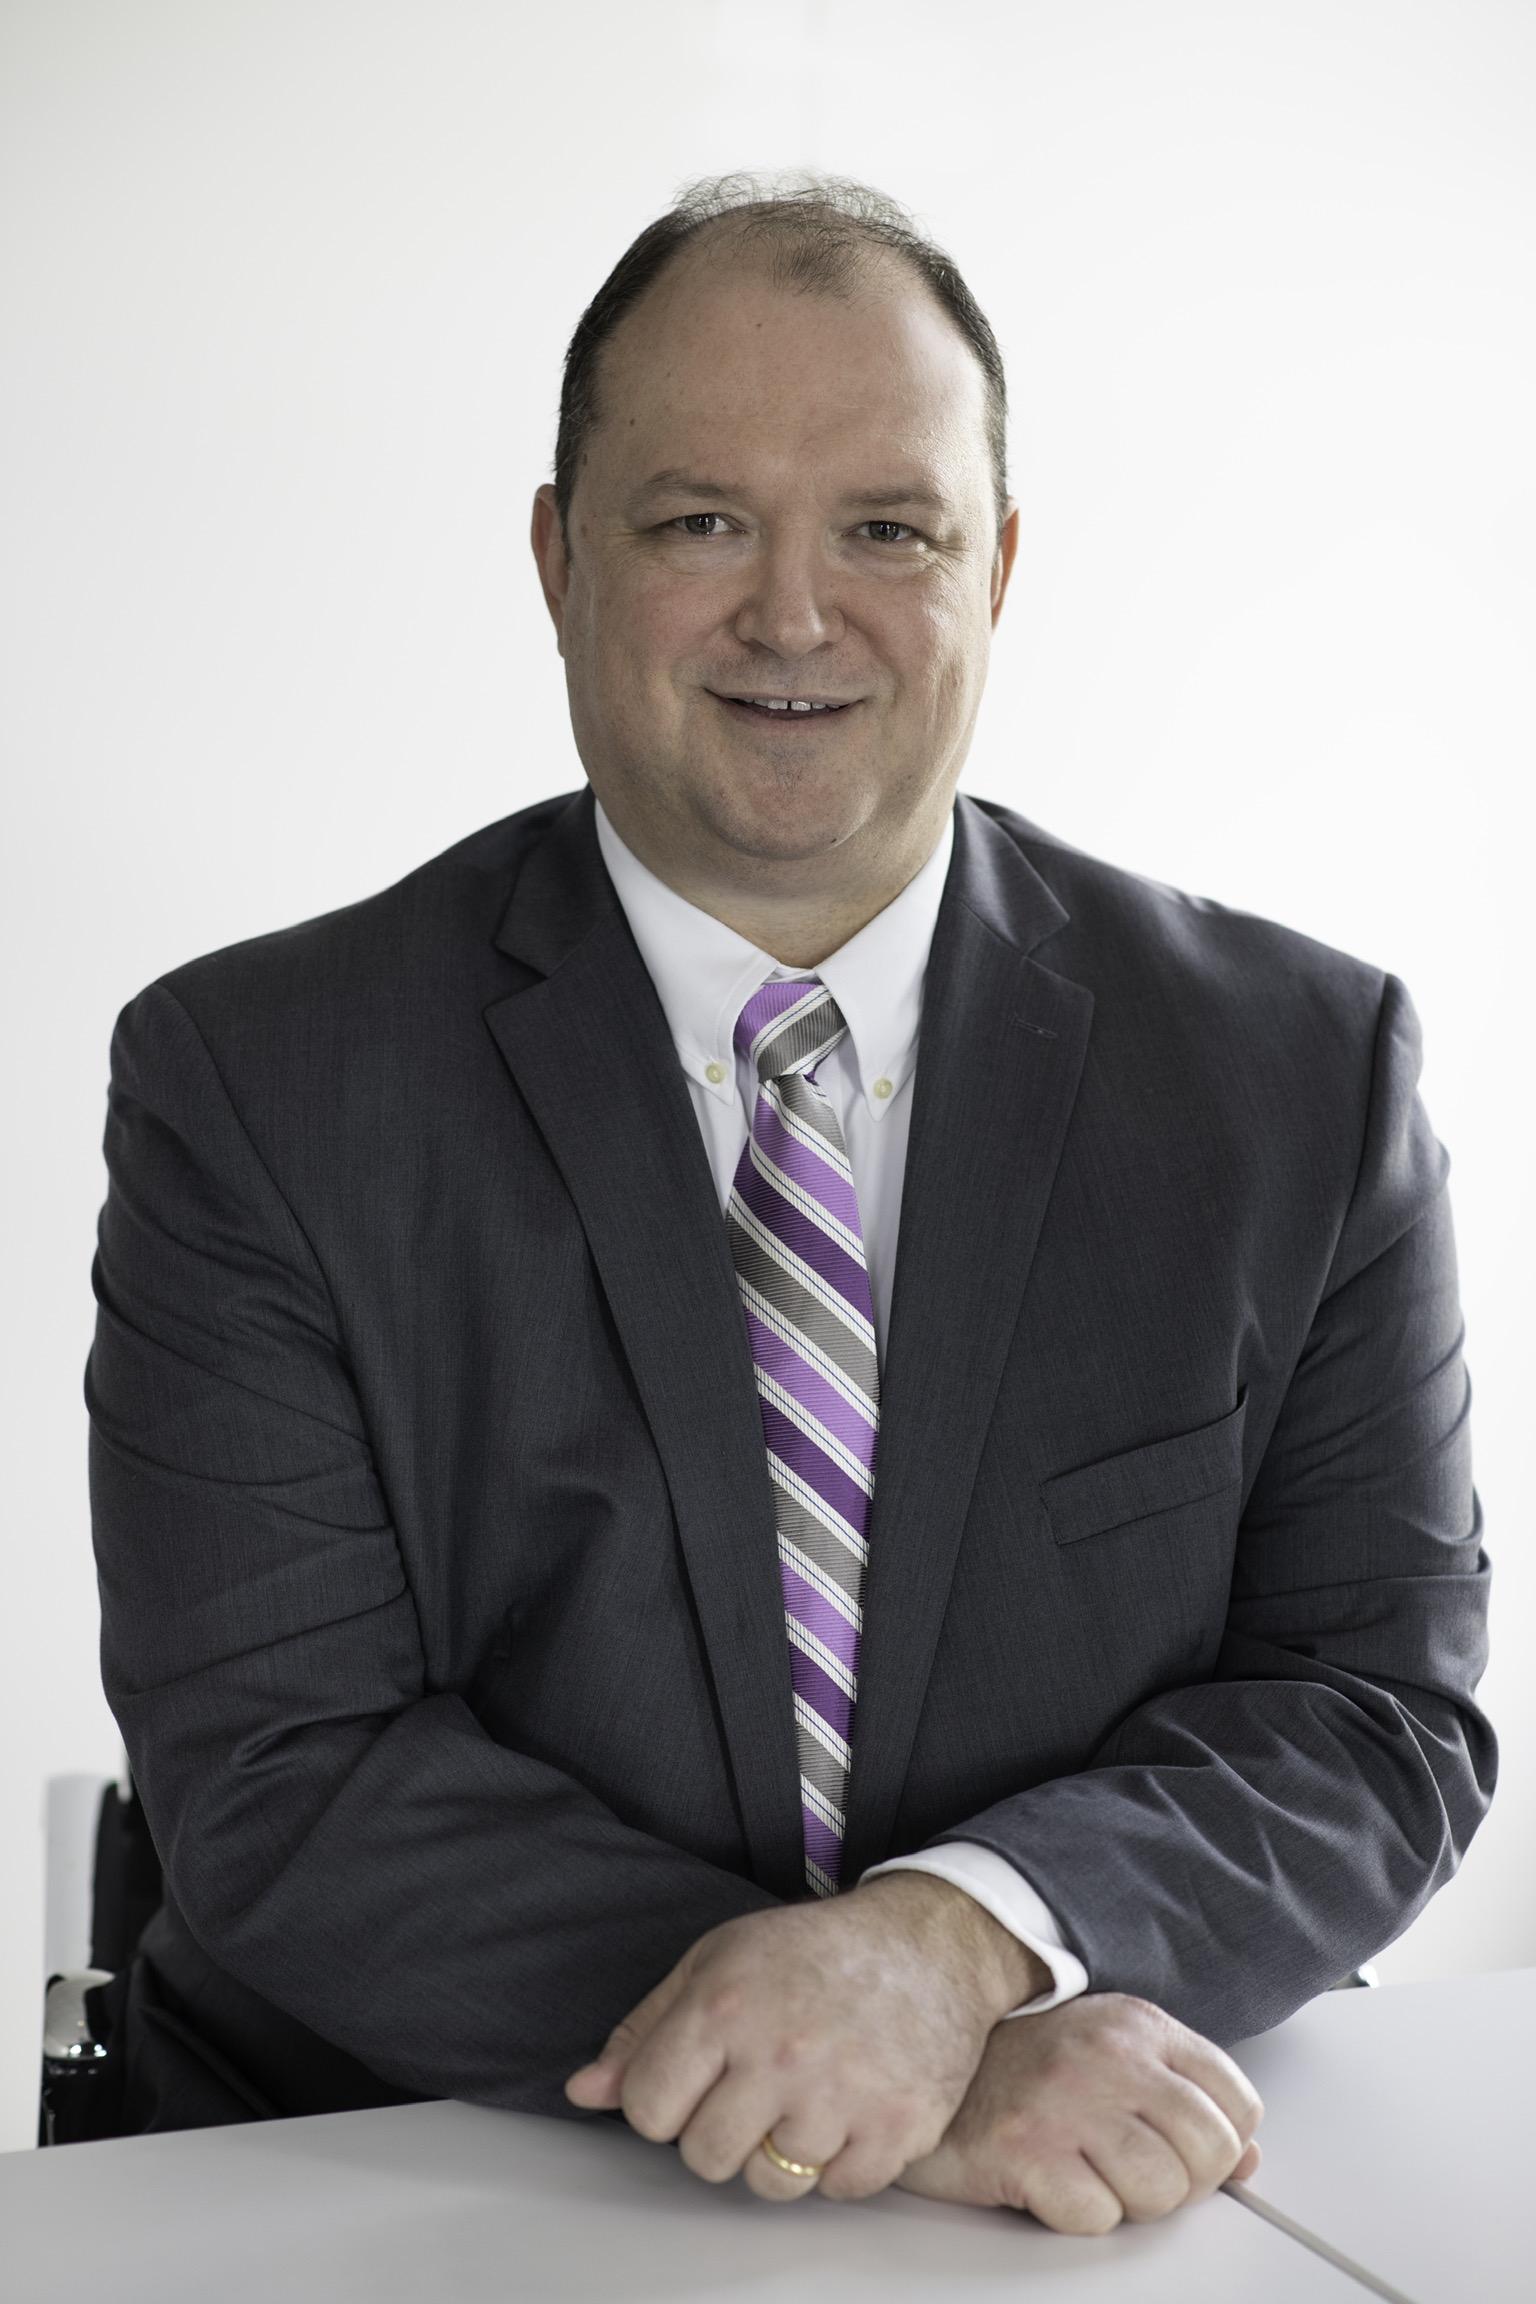 William Bevins, CFP® CTFA